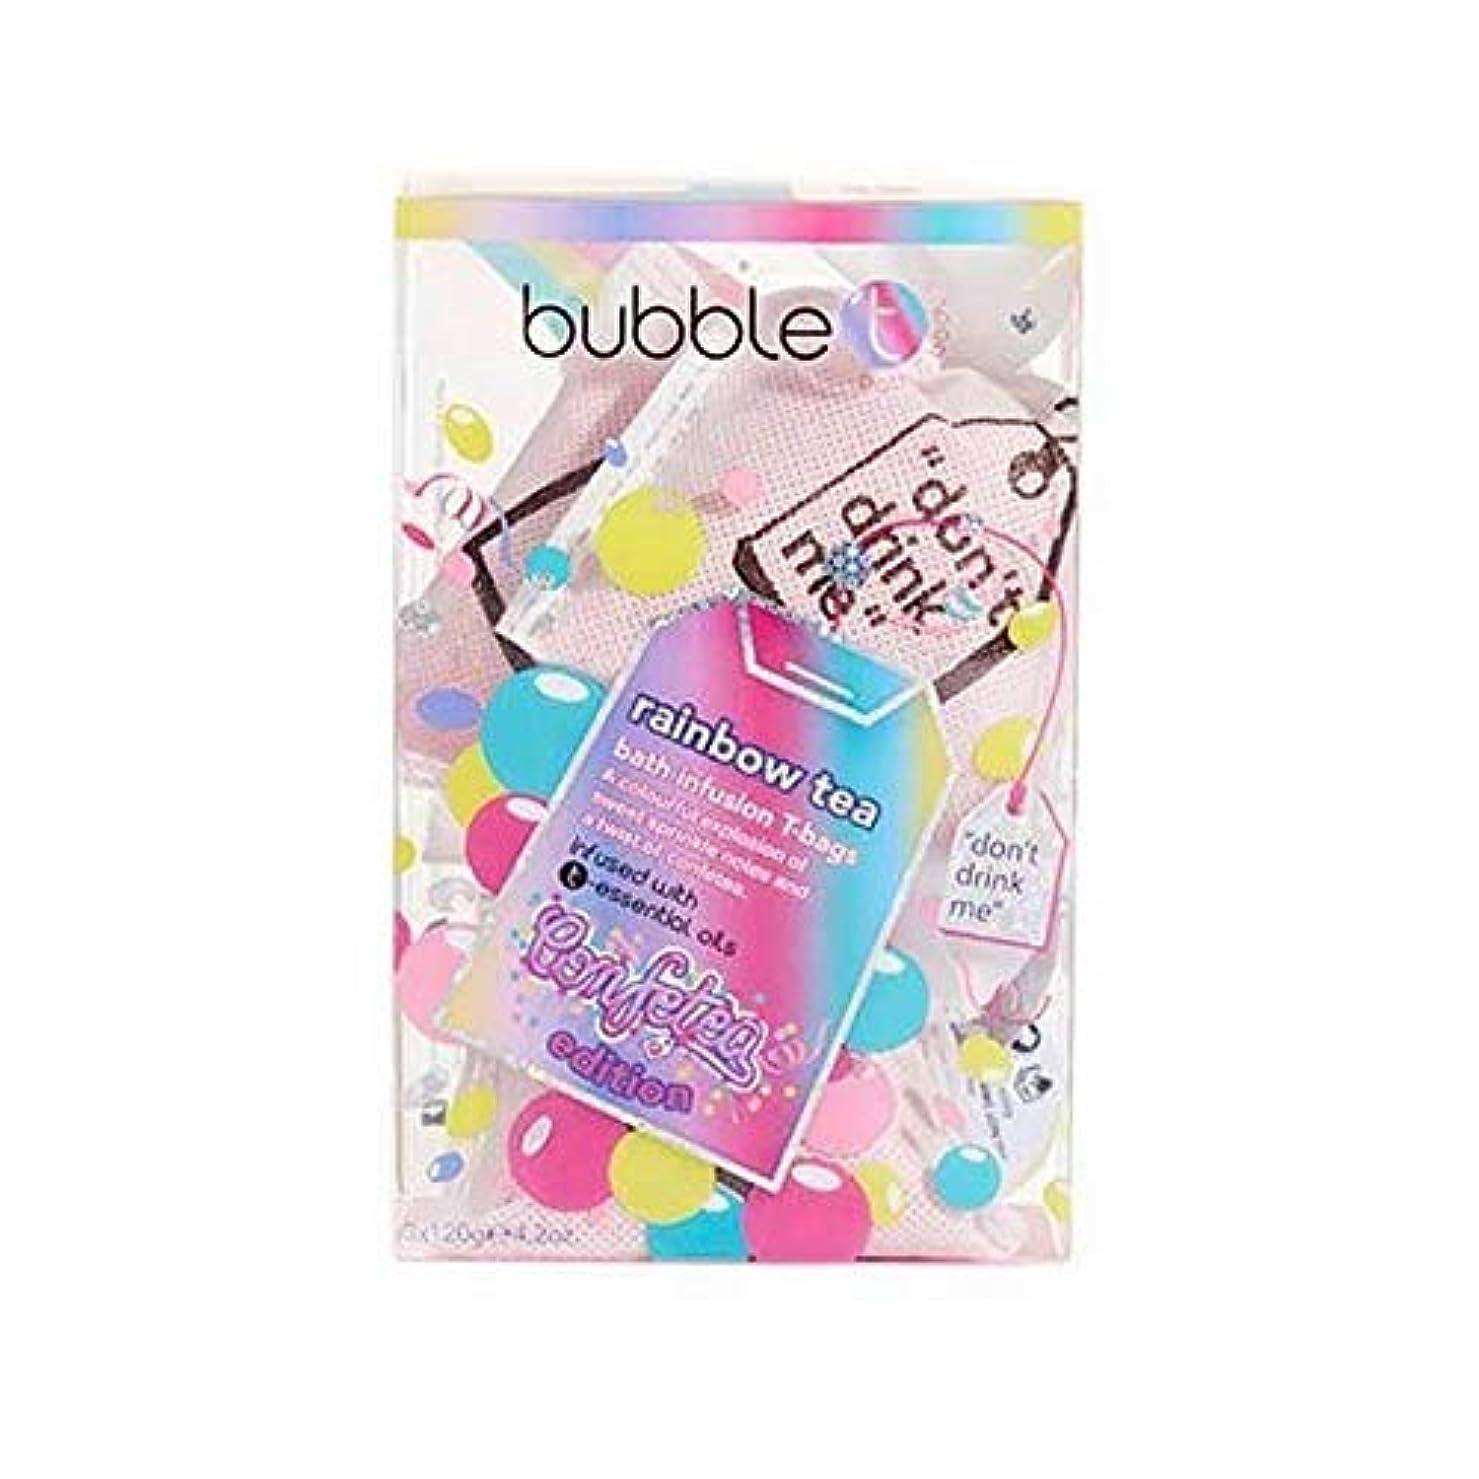 韻行政きょうだい[Bubble T ] バブルトンの化粧品 - 入浴輸液ティーバッグ虹のお茶 - Bubble T Cosmetics - Bath infusion tea bags Rainbow tea [並行輸入品]